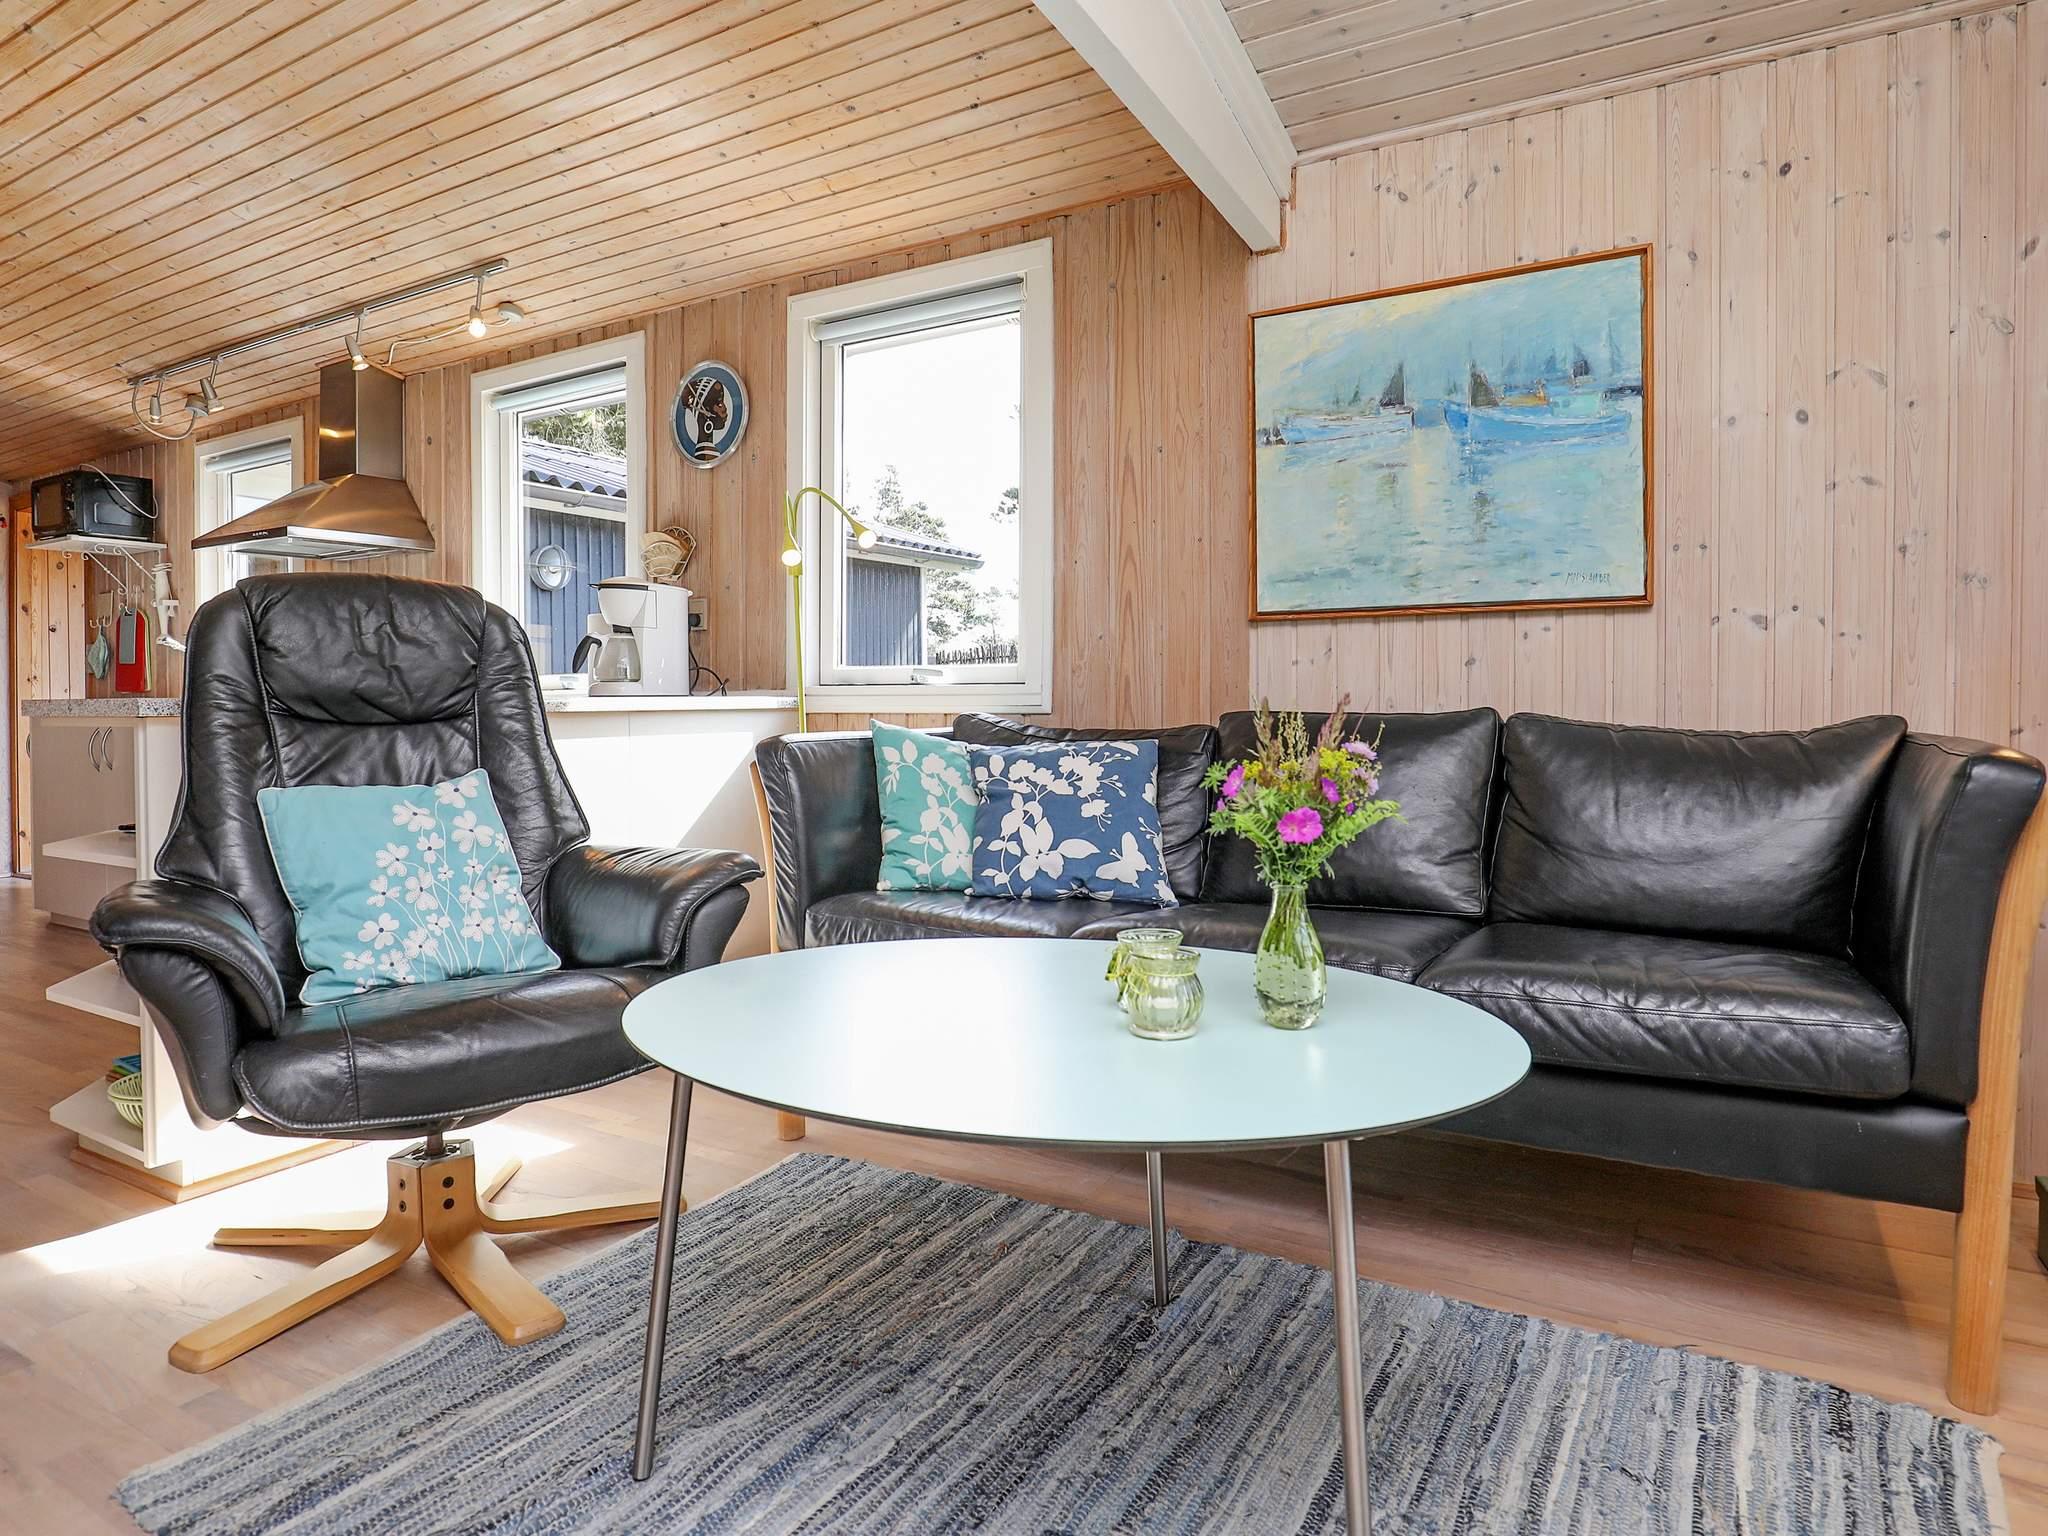 Ferienhaus Kjul Strand (2523809), Hirtshals, , Nordwestjütland, Dänemark, Bild 5